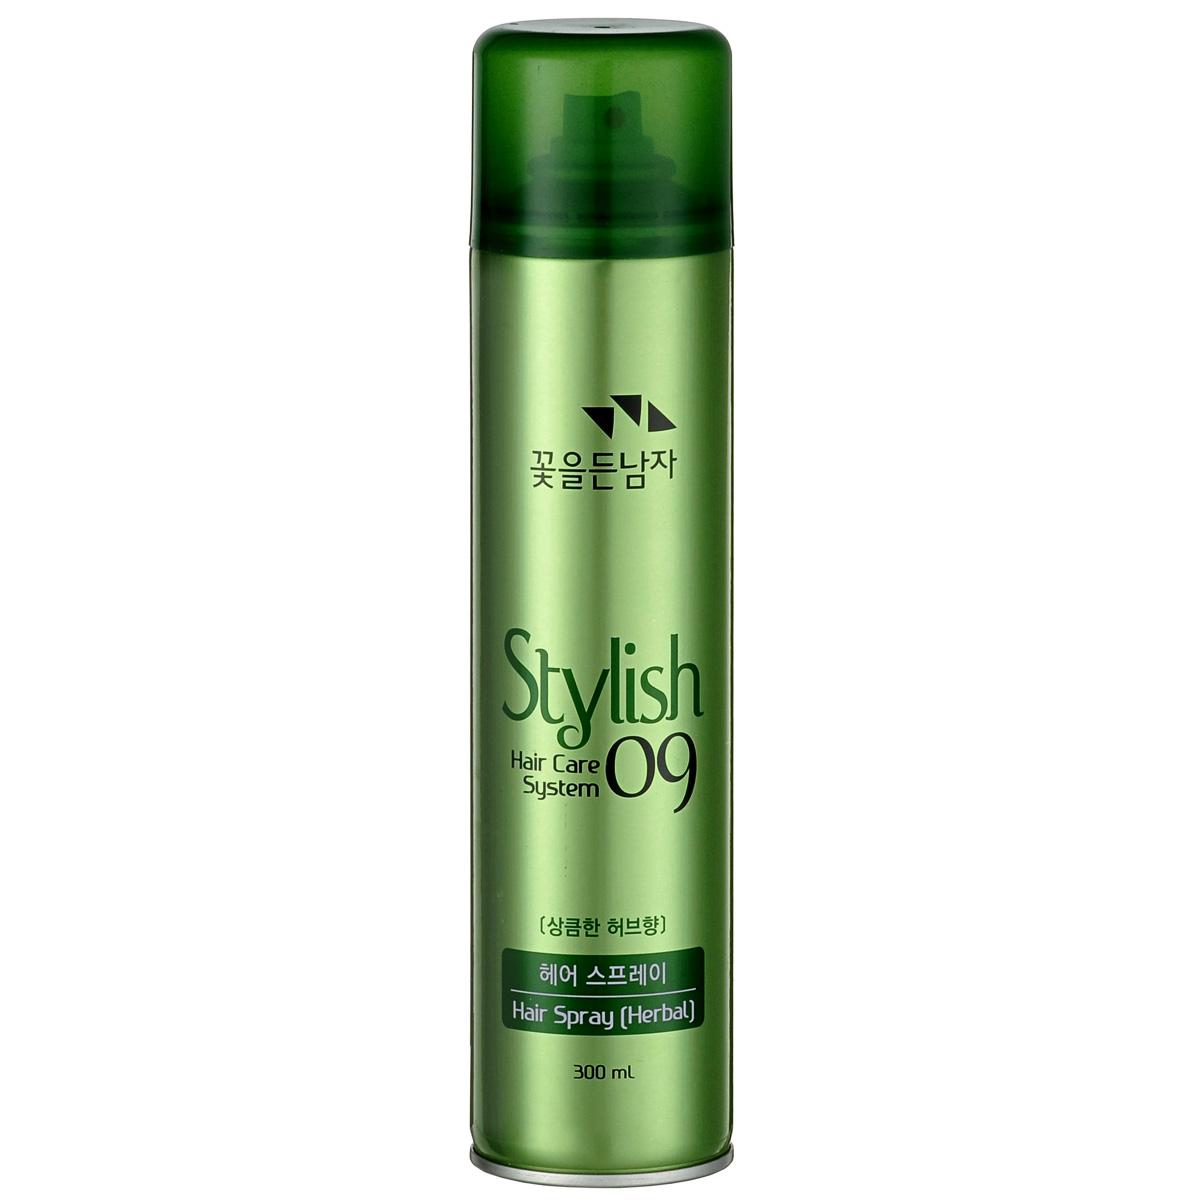 Somang Hair Care Лак для укладки волос-травы, 300 млP0899700Длительная укладка без ощущения липкости при прикосновении. Защищает волосы от ультрафиолетового излучения. Содержит керамид, гидролизованный кератин и экстракты, полученные из цветков и листьев 7 видов растений.